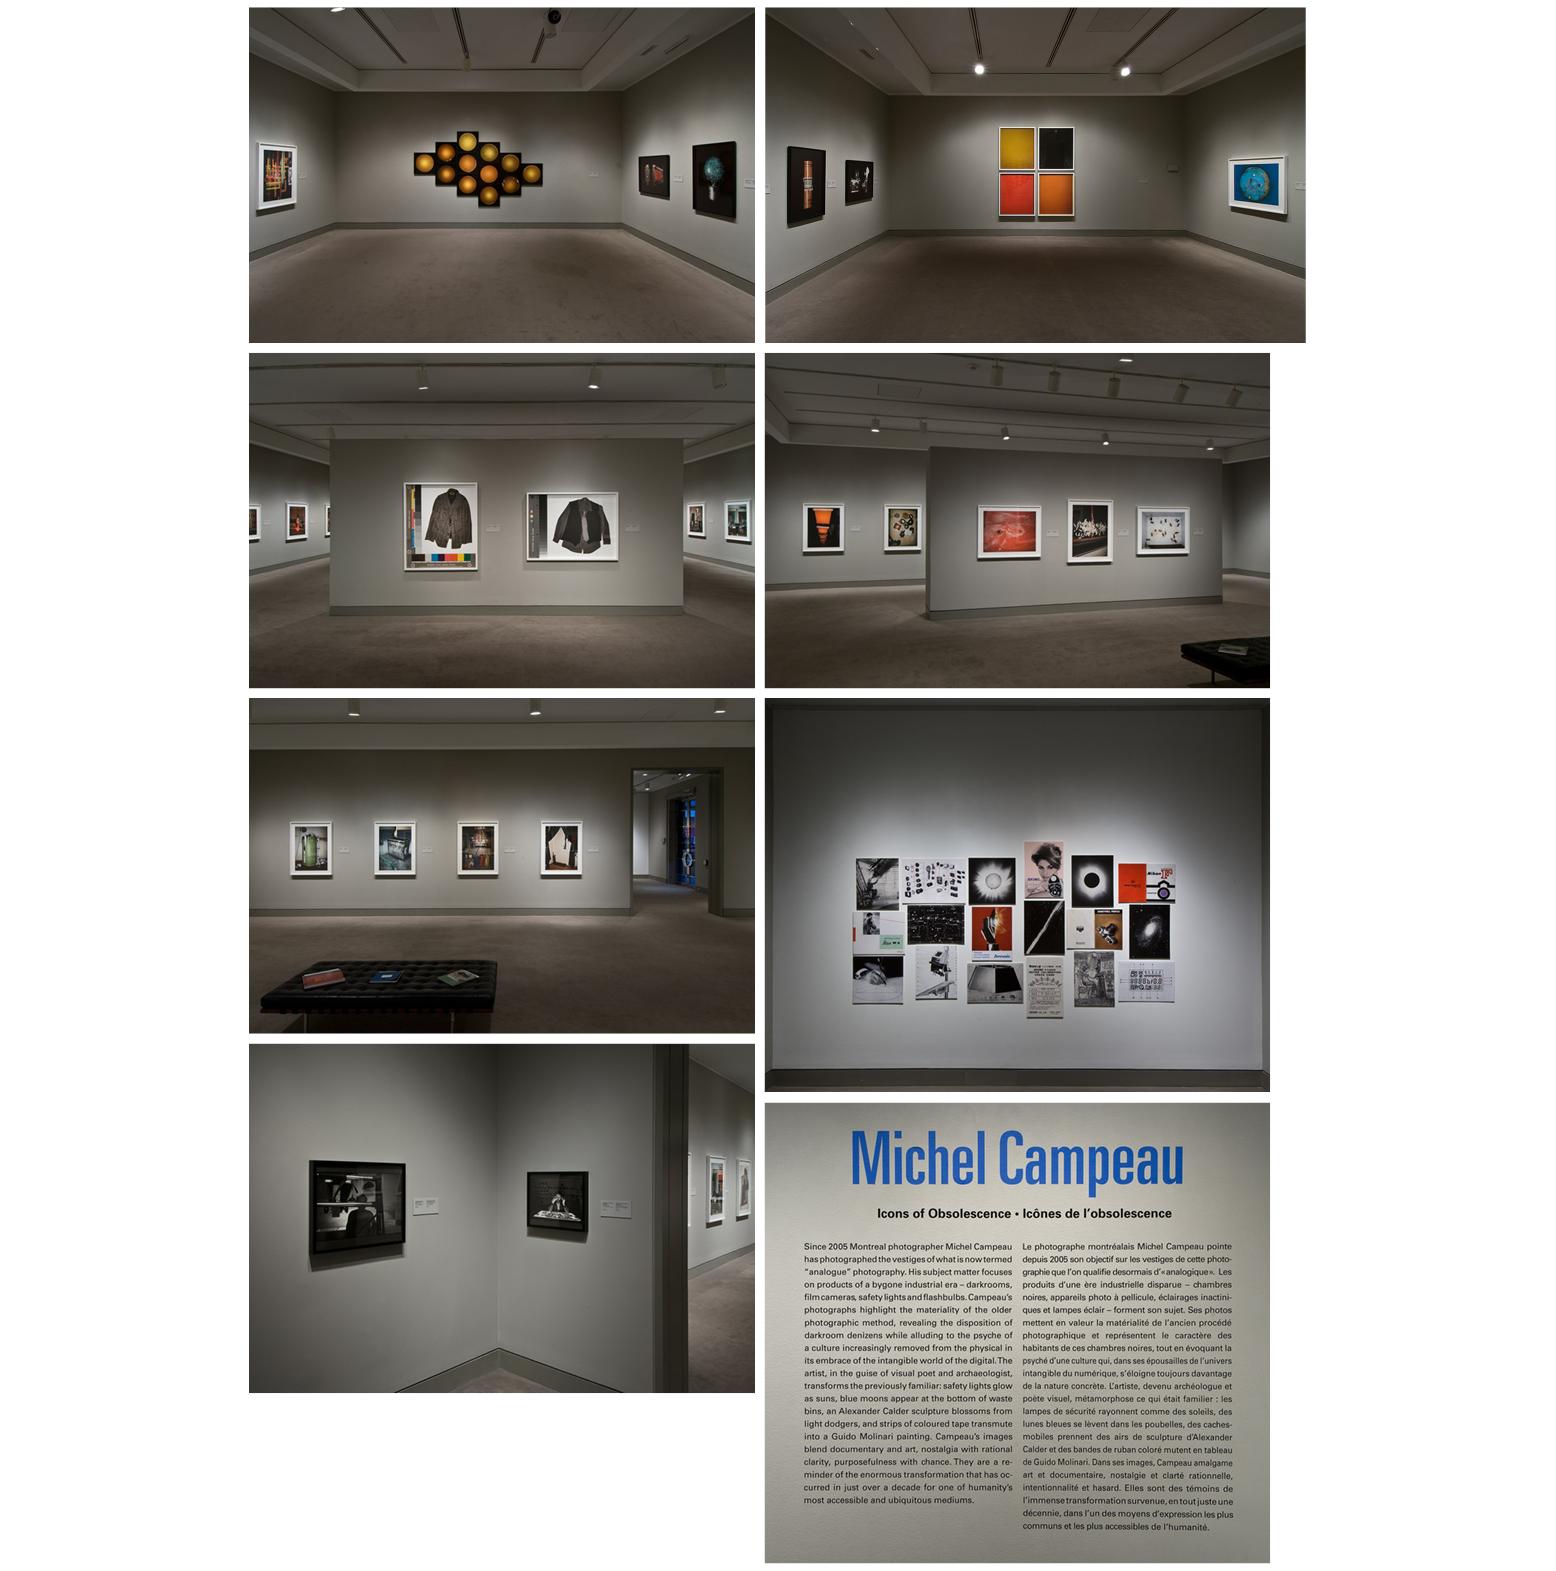 Michel Campeau : Icônes de l'obsolescence  Musée des beaux-arts du Canada, Ottawa, Ontario, du 26 oct. au 5 janv. 2013 Conservatrice : Andrea Kunard, Conservatrice de la photographie, MBAC